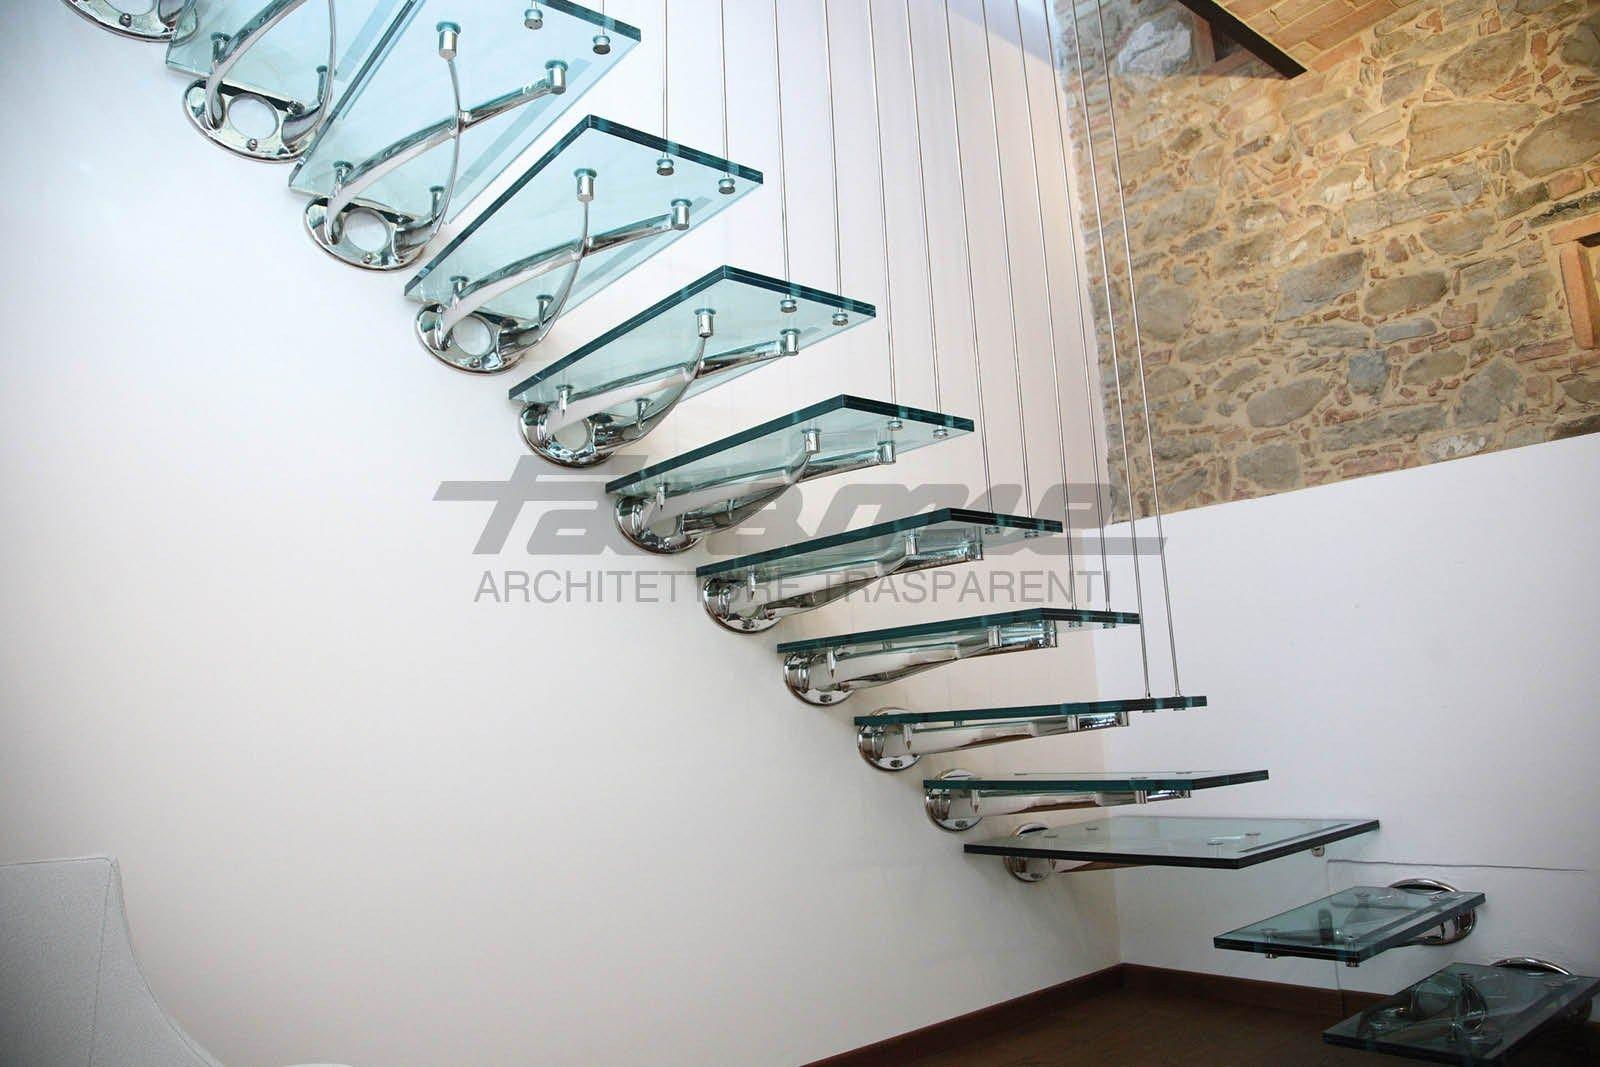 escalera volada de acero inoxidable y vidrio twin by faraone diseo roberto volpe